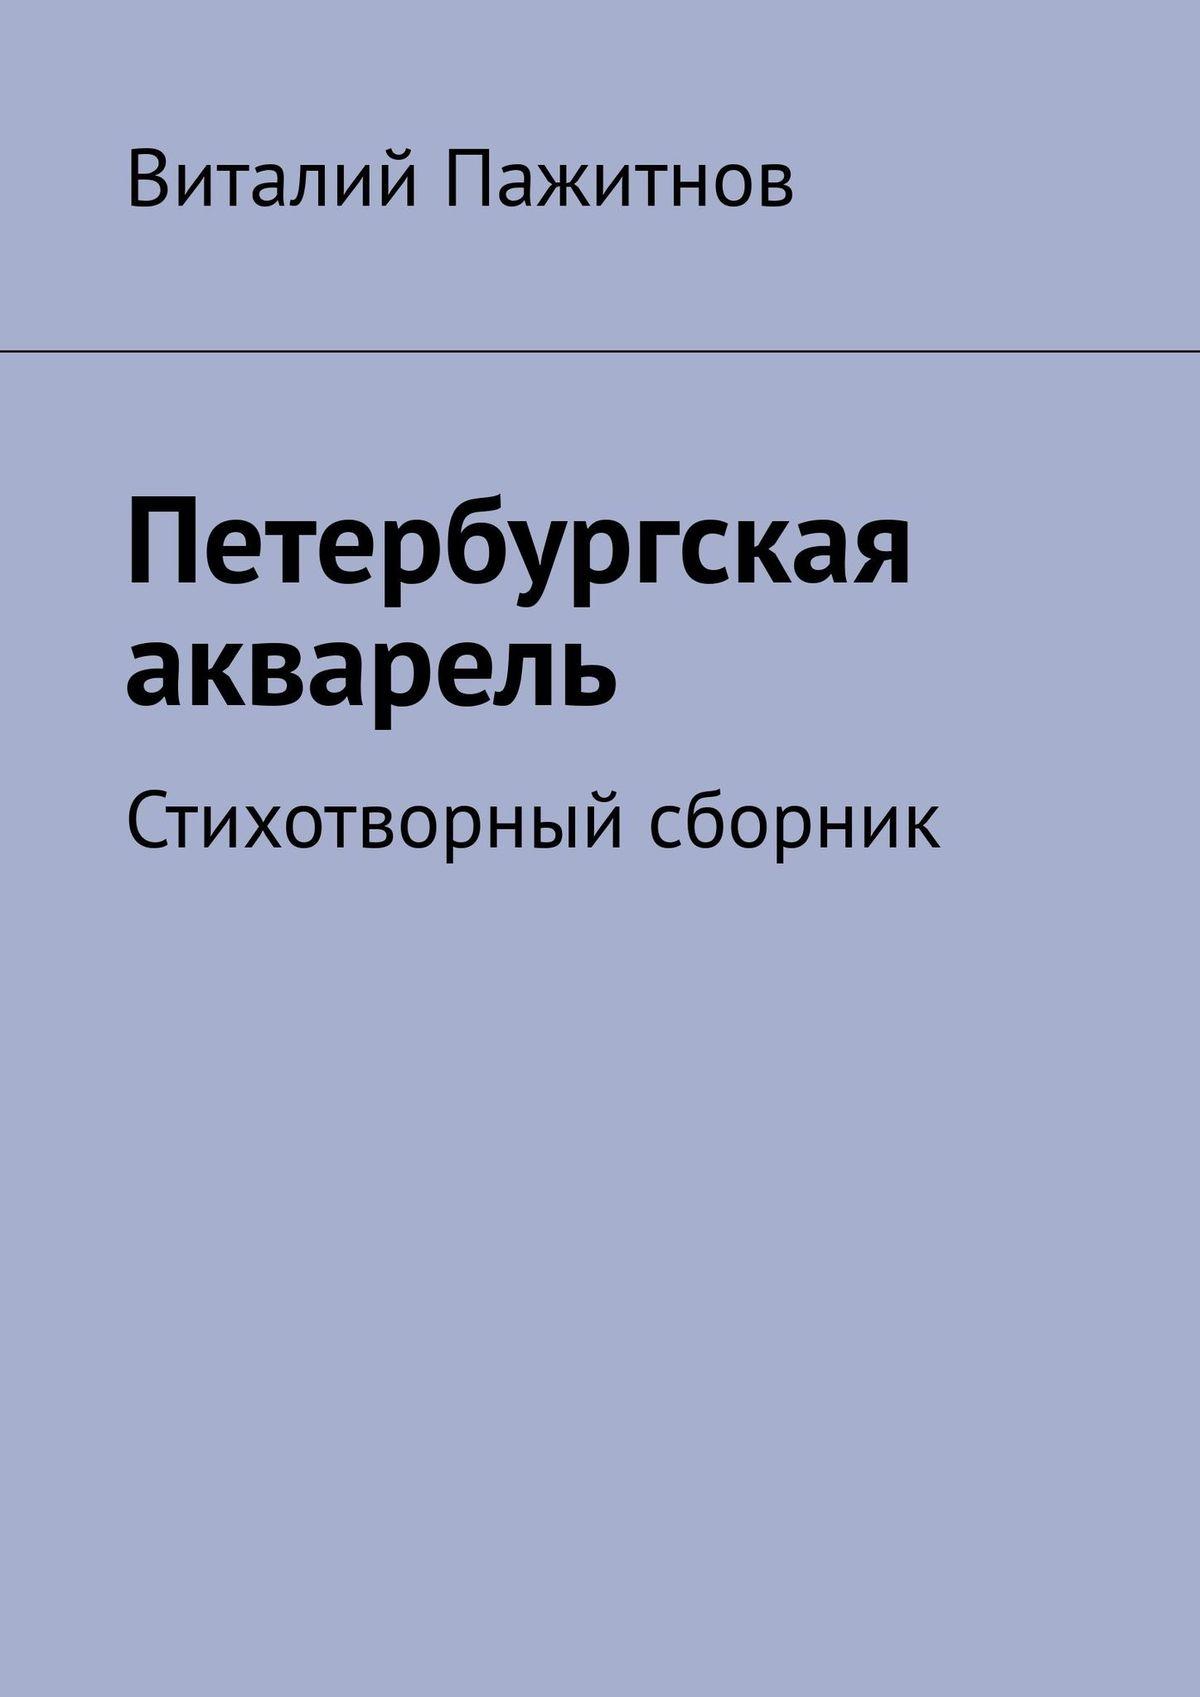 все цены на Виталий Владиславович Пажитнов Петербургская акварель. Стихотворный сборник онлайн